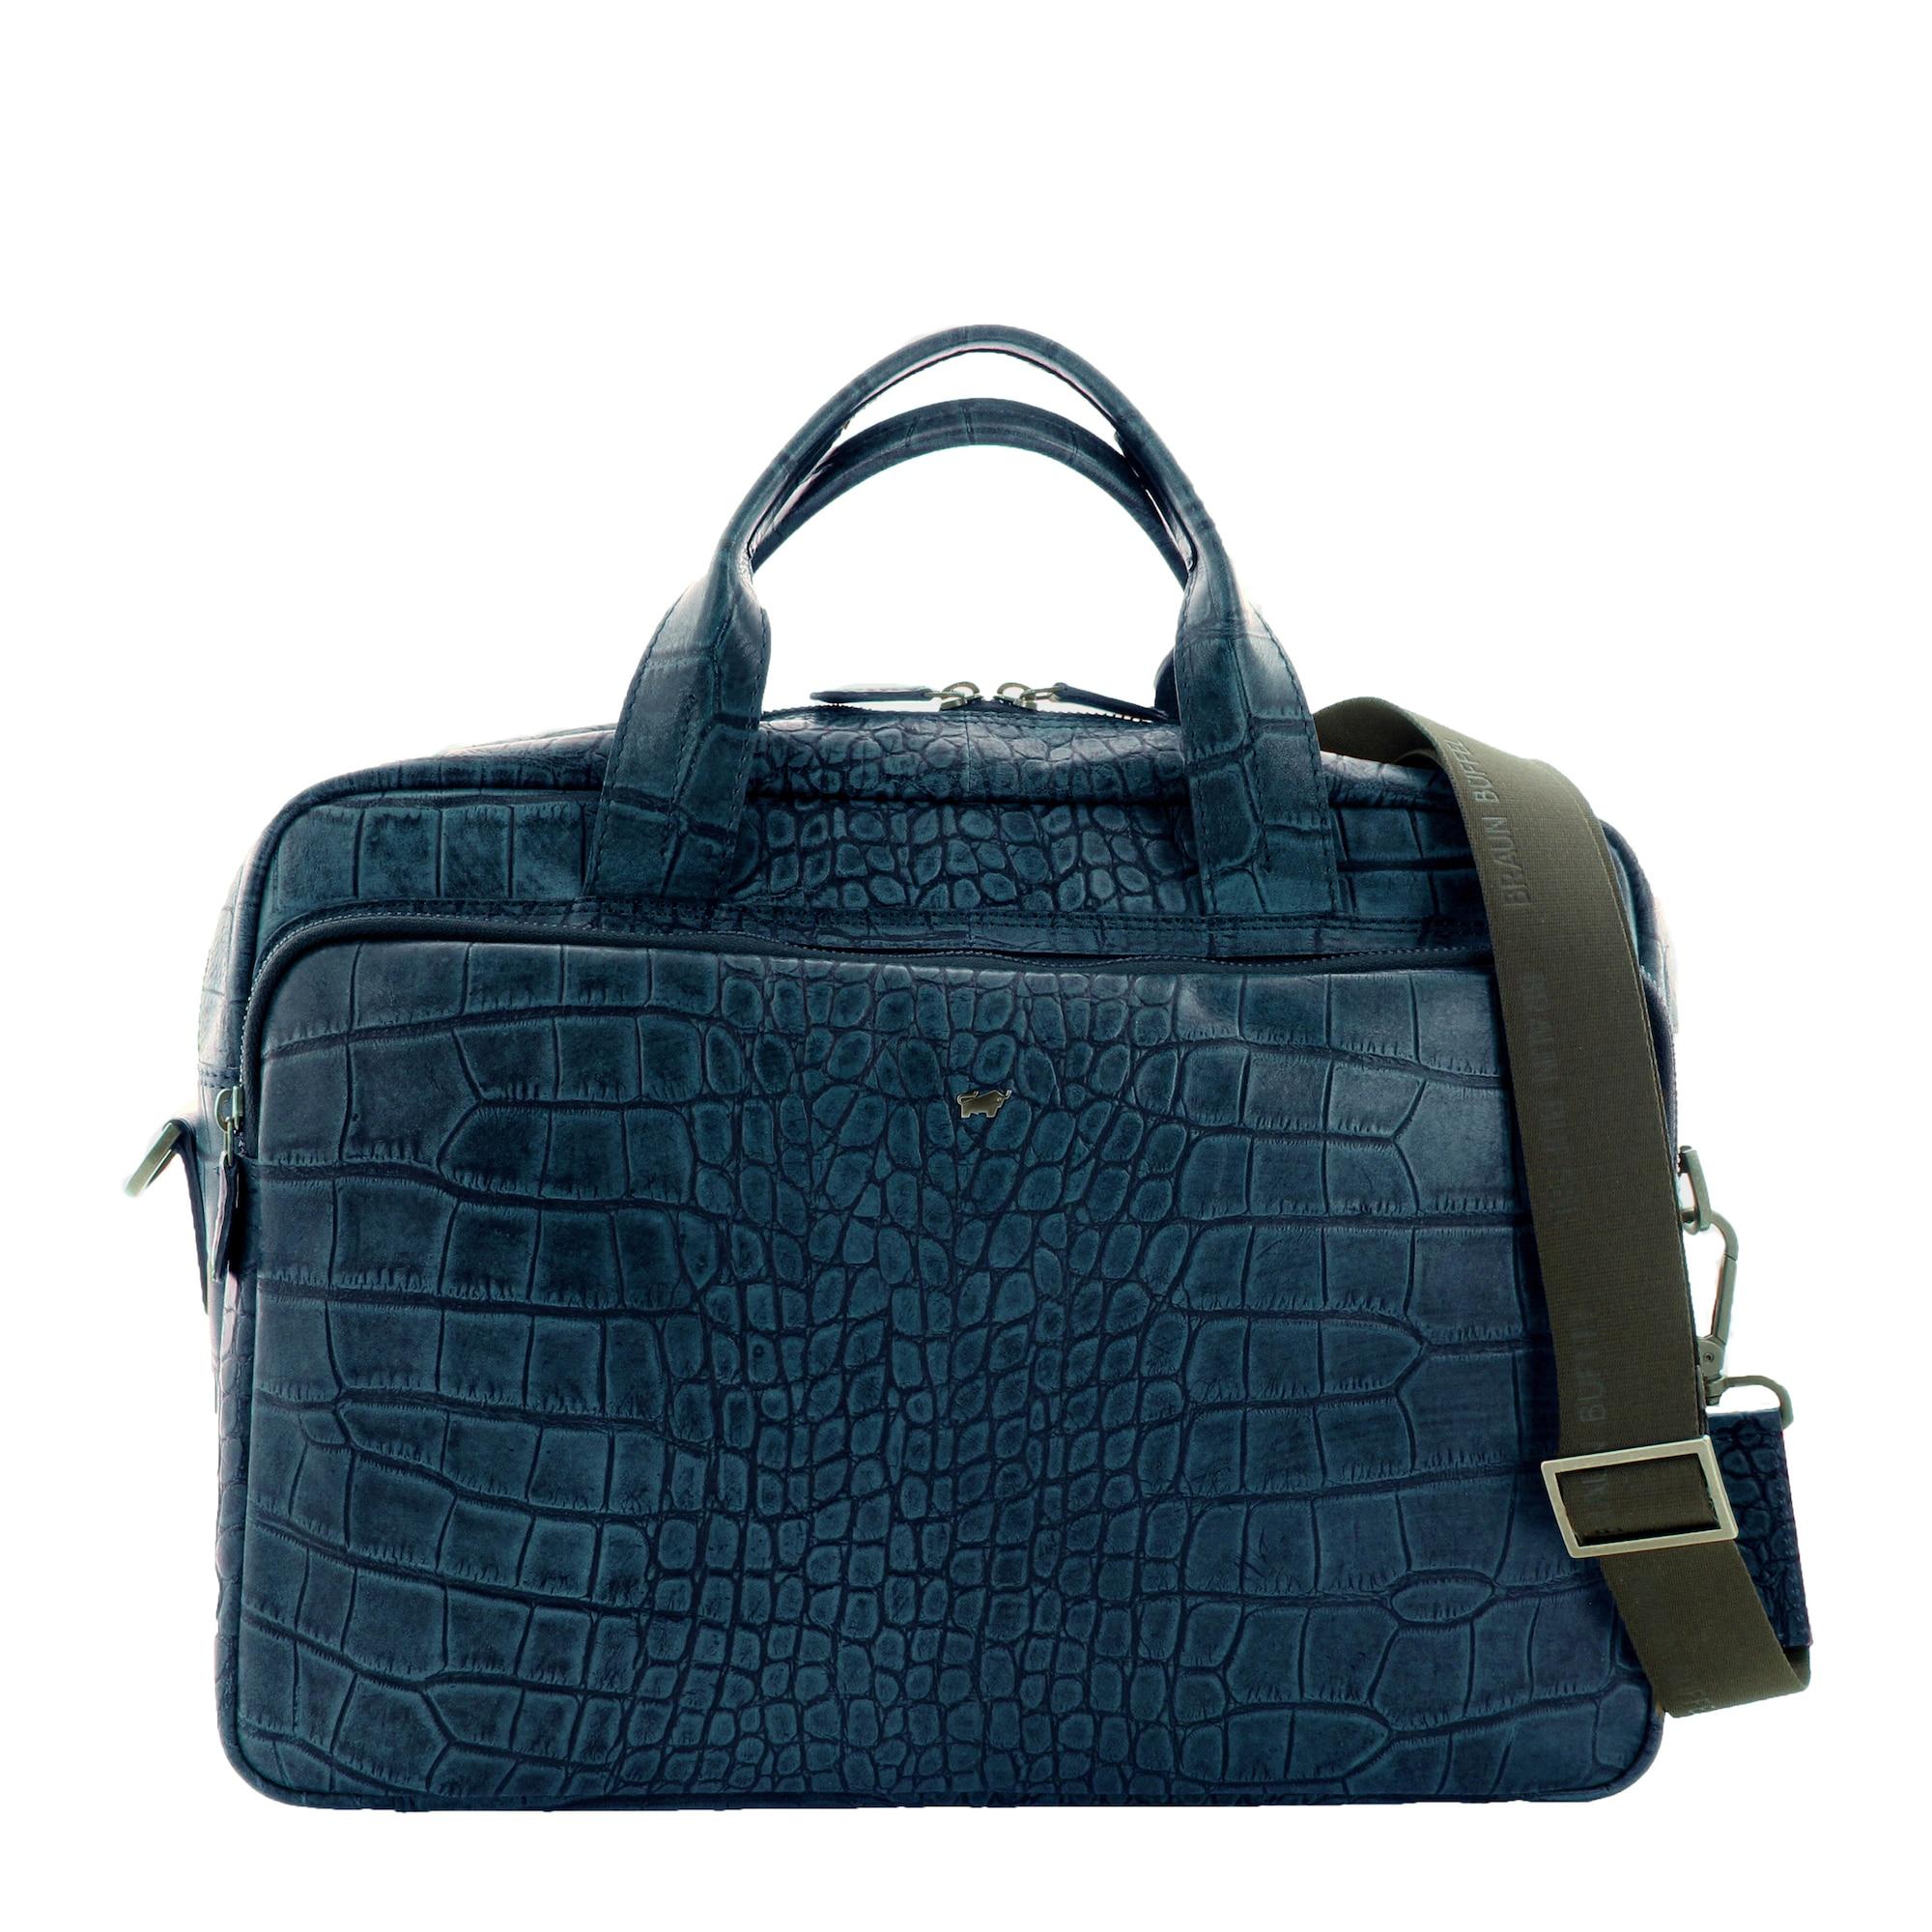 Businesstasche | Taschen > Business Taschen > Sonstige Businesstaschen | Blau | Braun Büffel